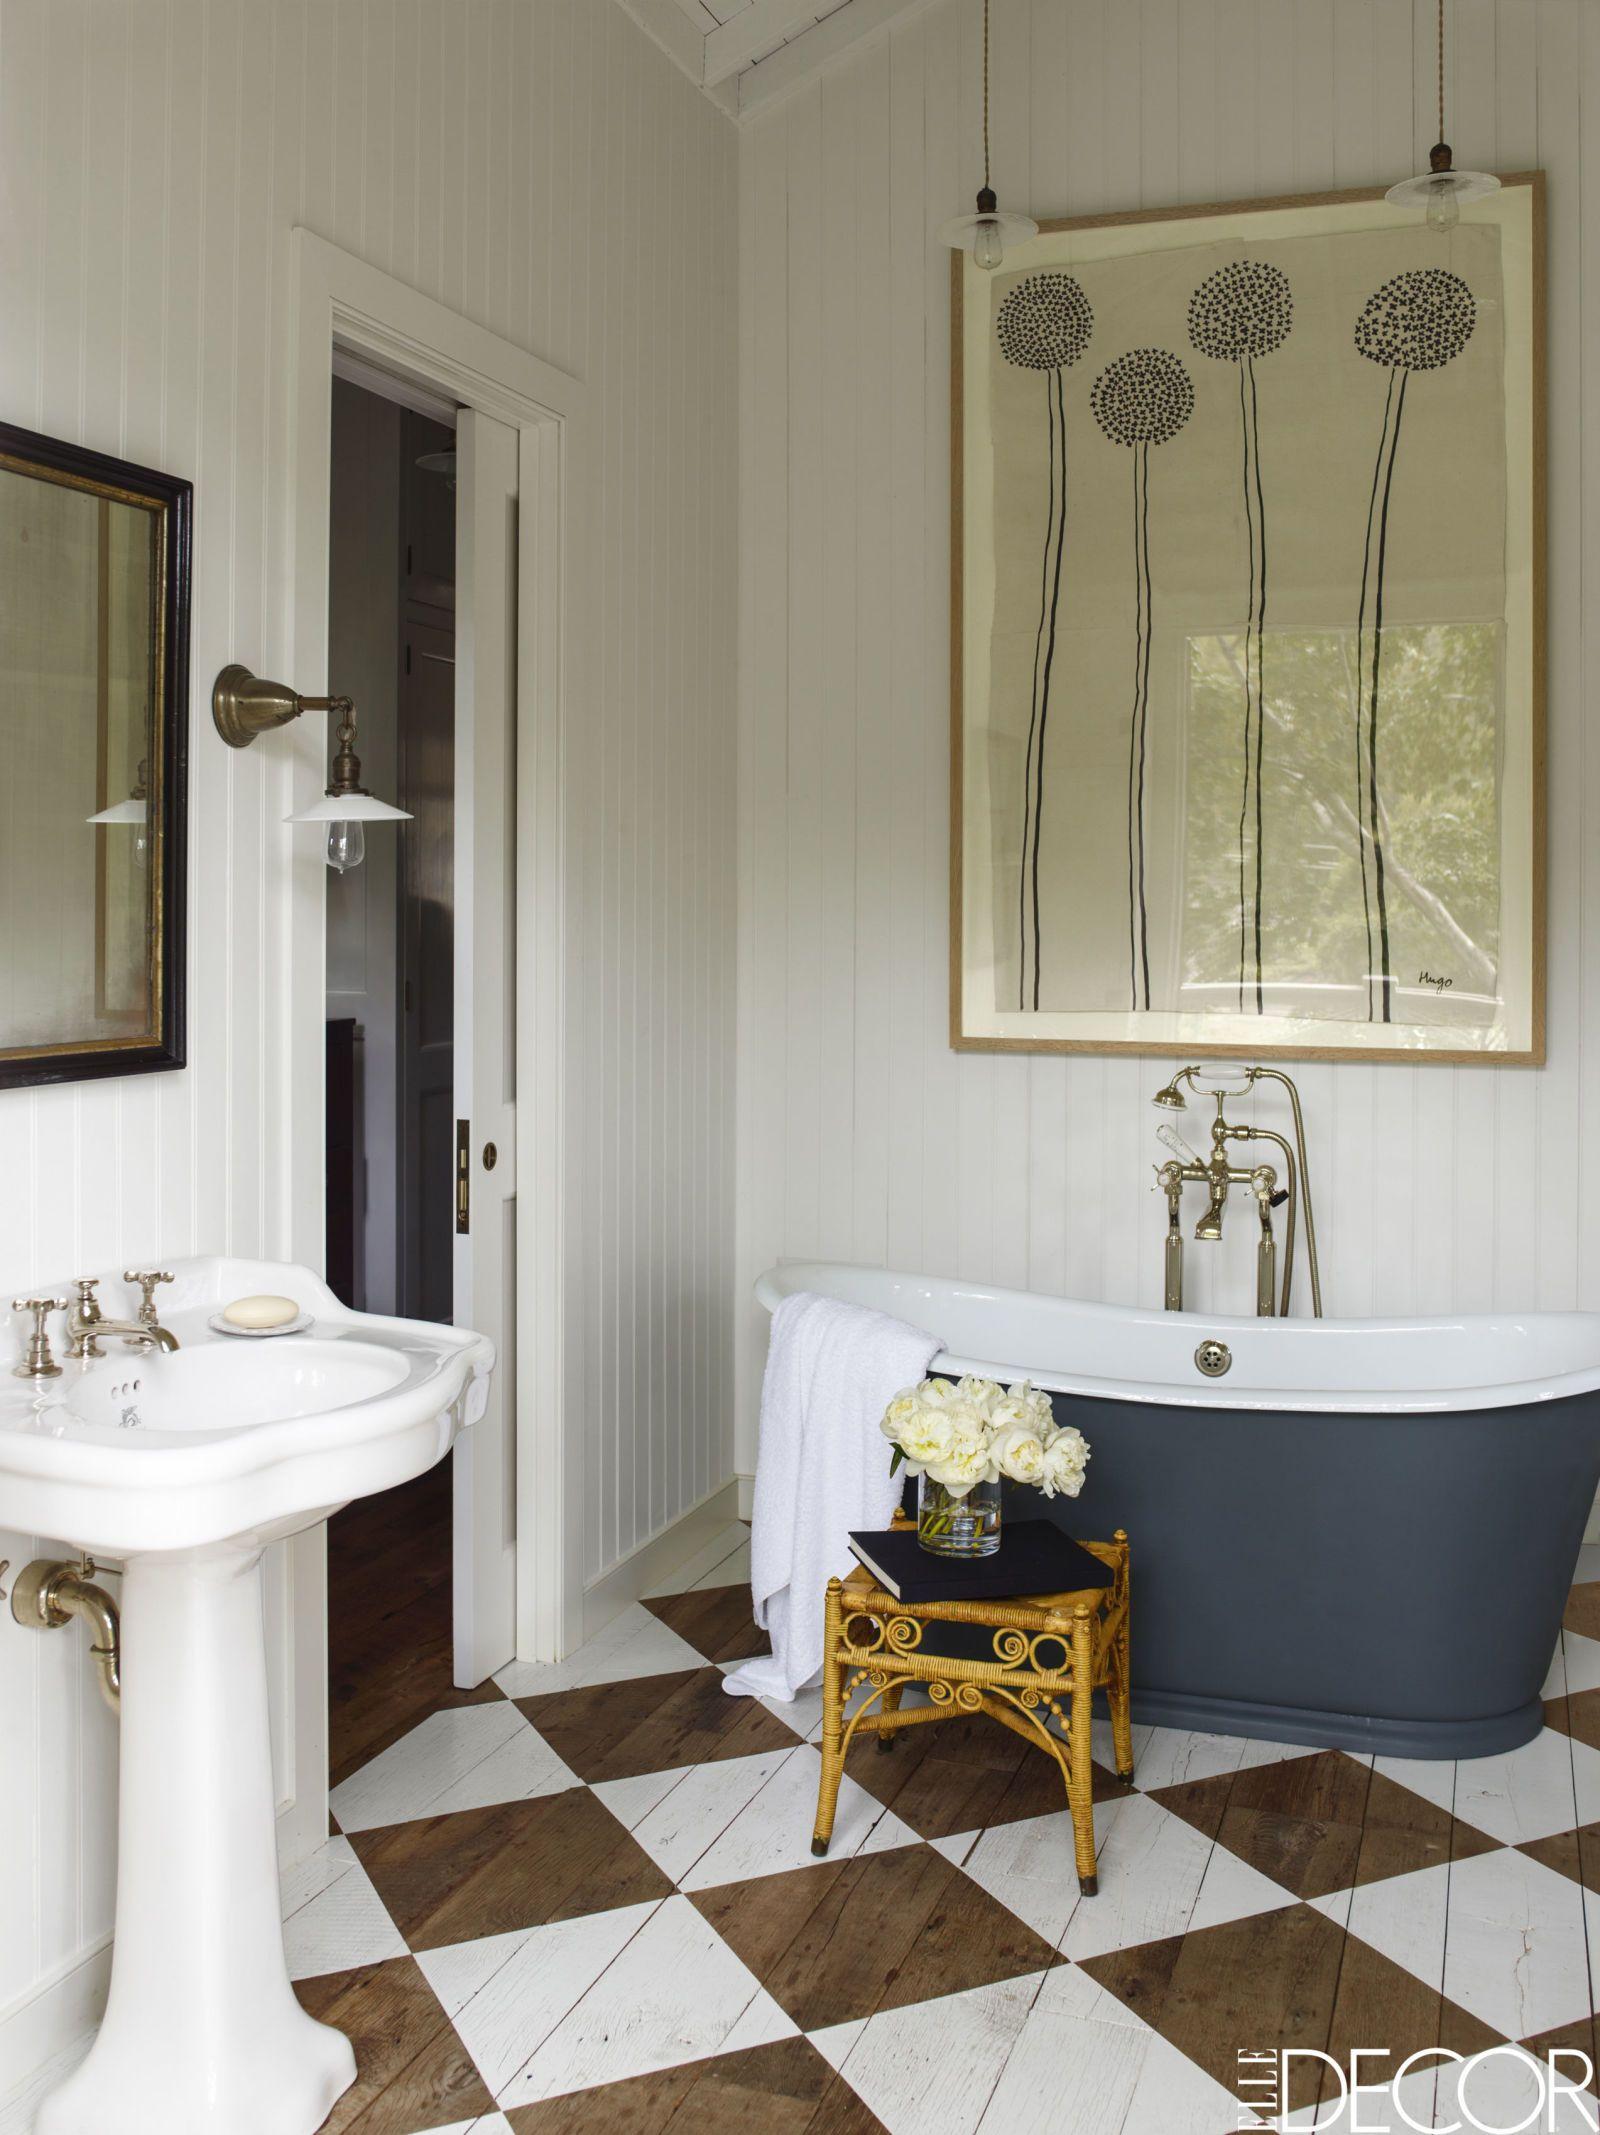 50 Beautiful Interiors Rita Konig Images In 2020 Interior Interior Design Home